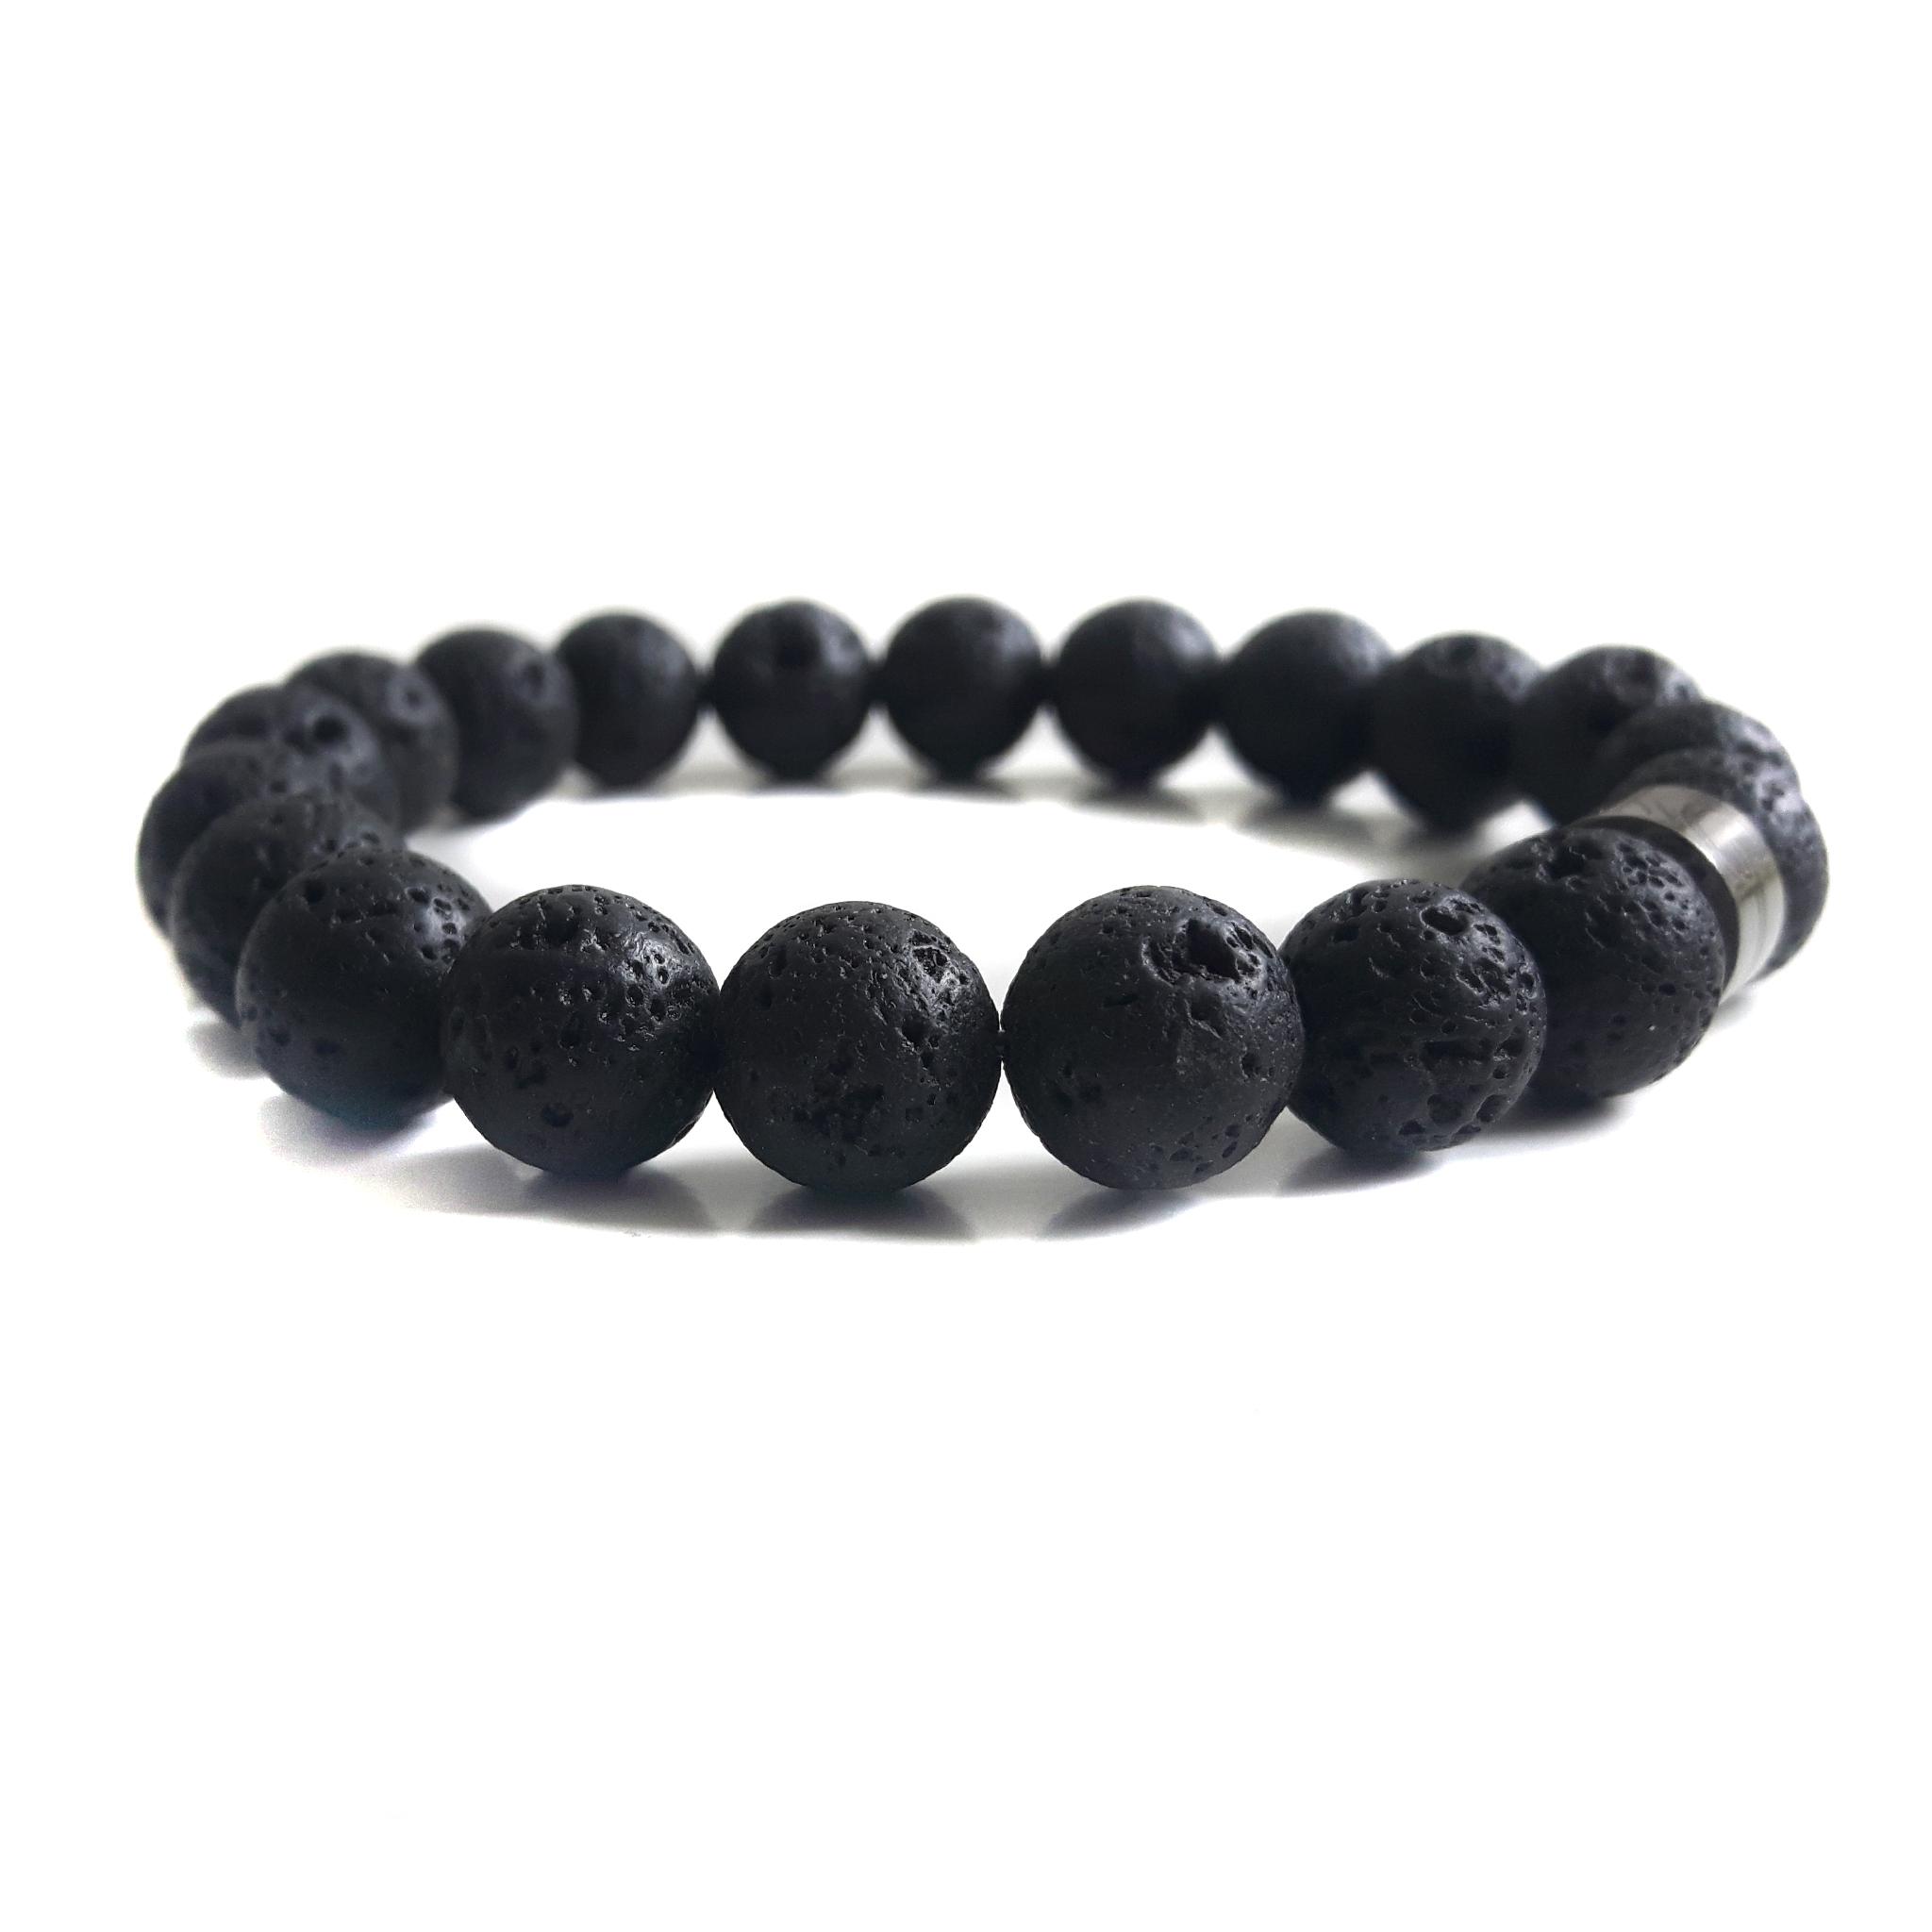 Super Heren Armband Lavasteen - Natuursteen - KG-Bracelets - Bestel nu! &EJ37